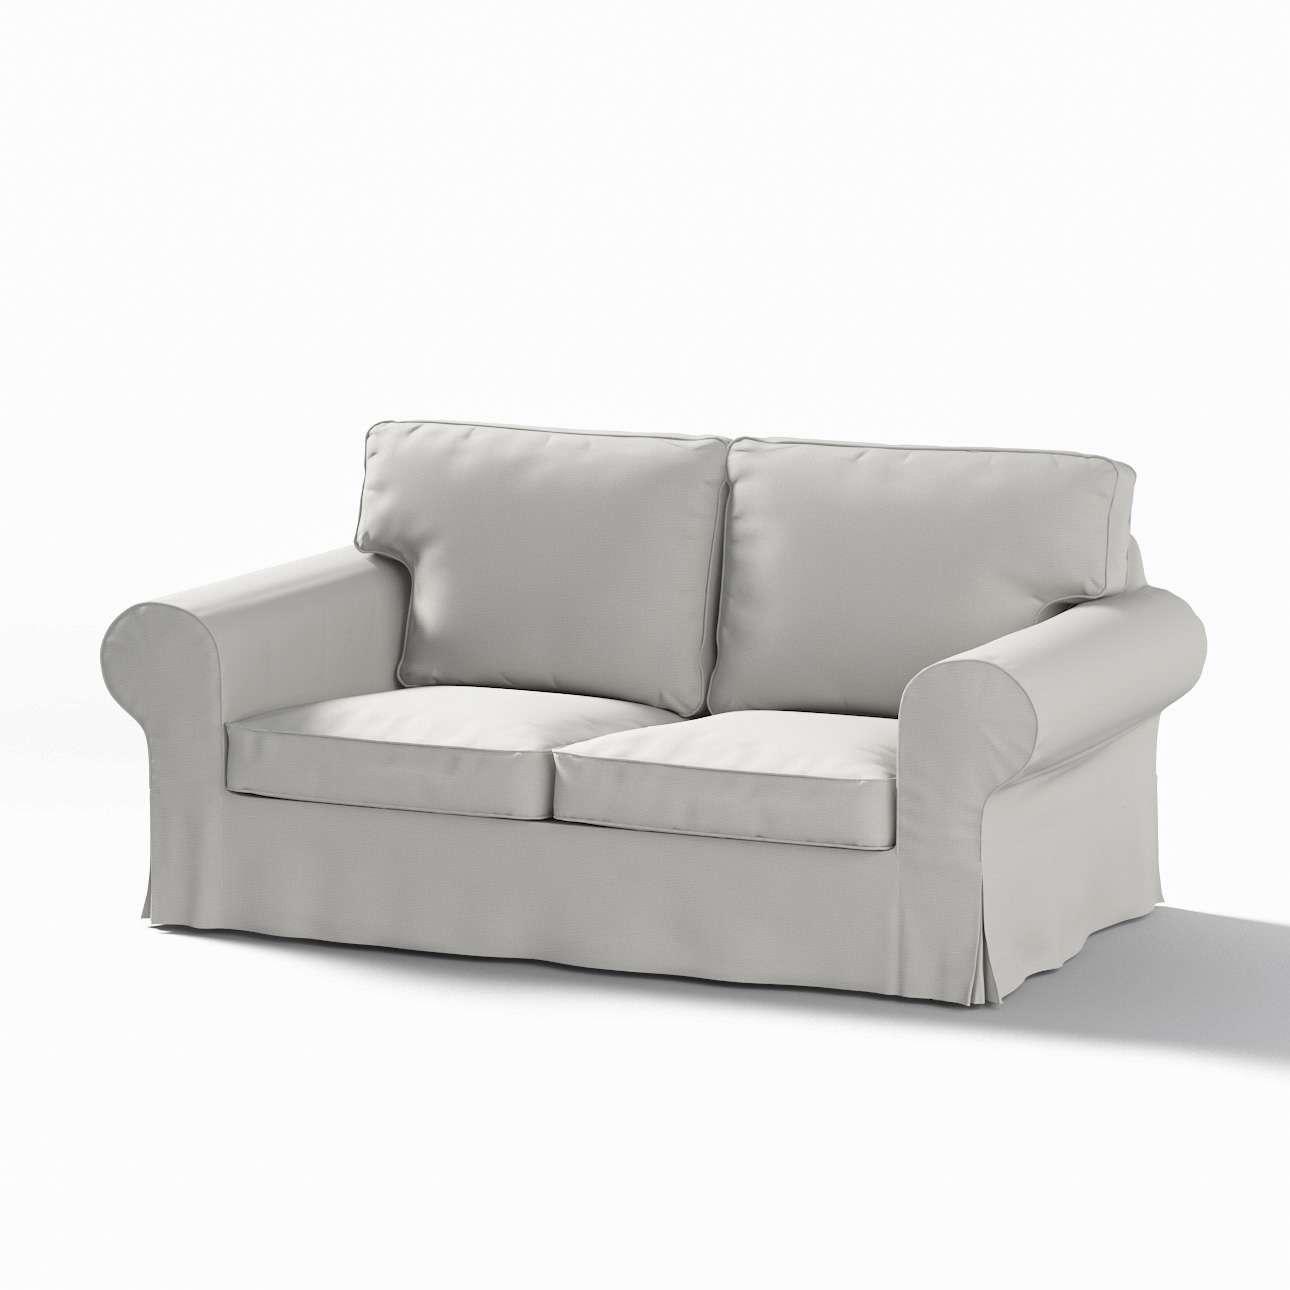 Pokrowiec na sofę Ektorp 2-osobową, rozkładaną, model do 2012 w kolekcji Etna, tkanina: 705-90